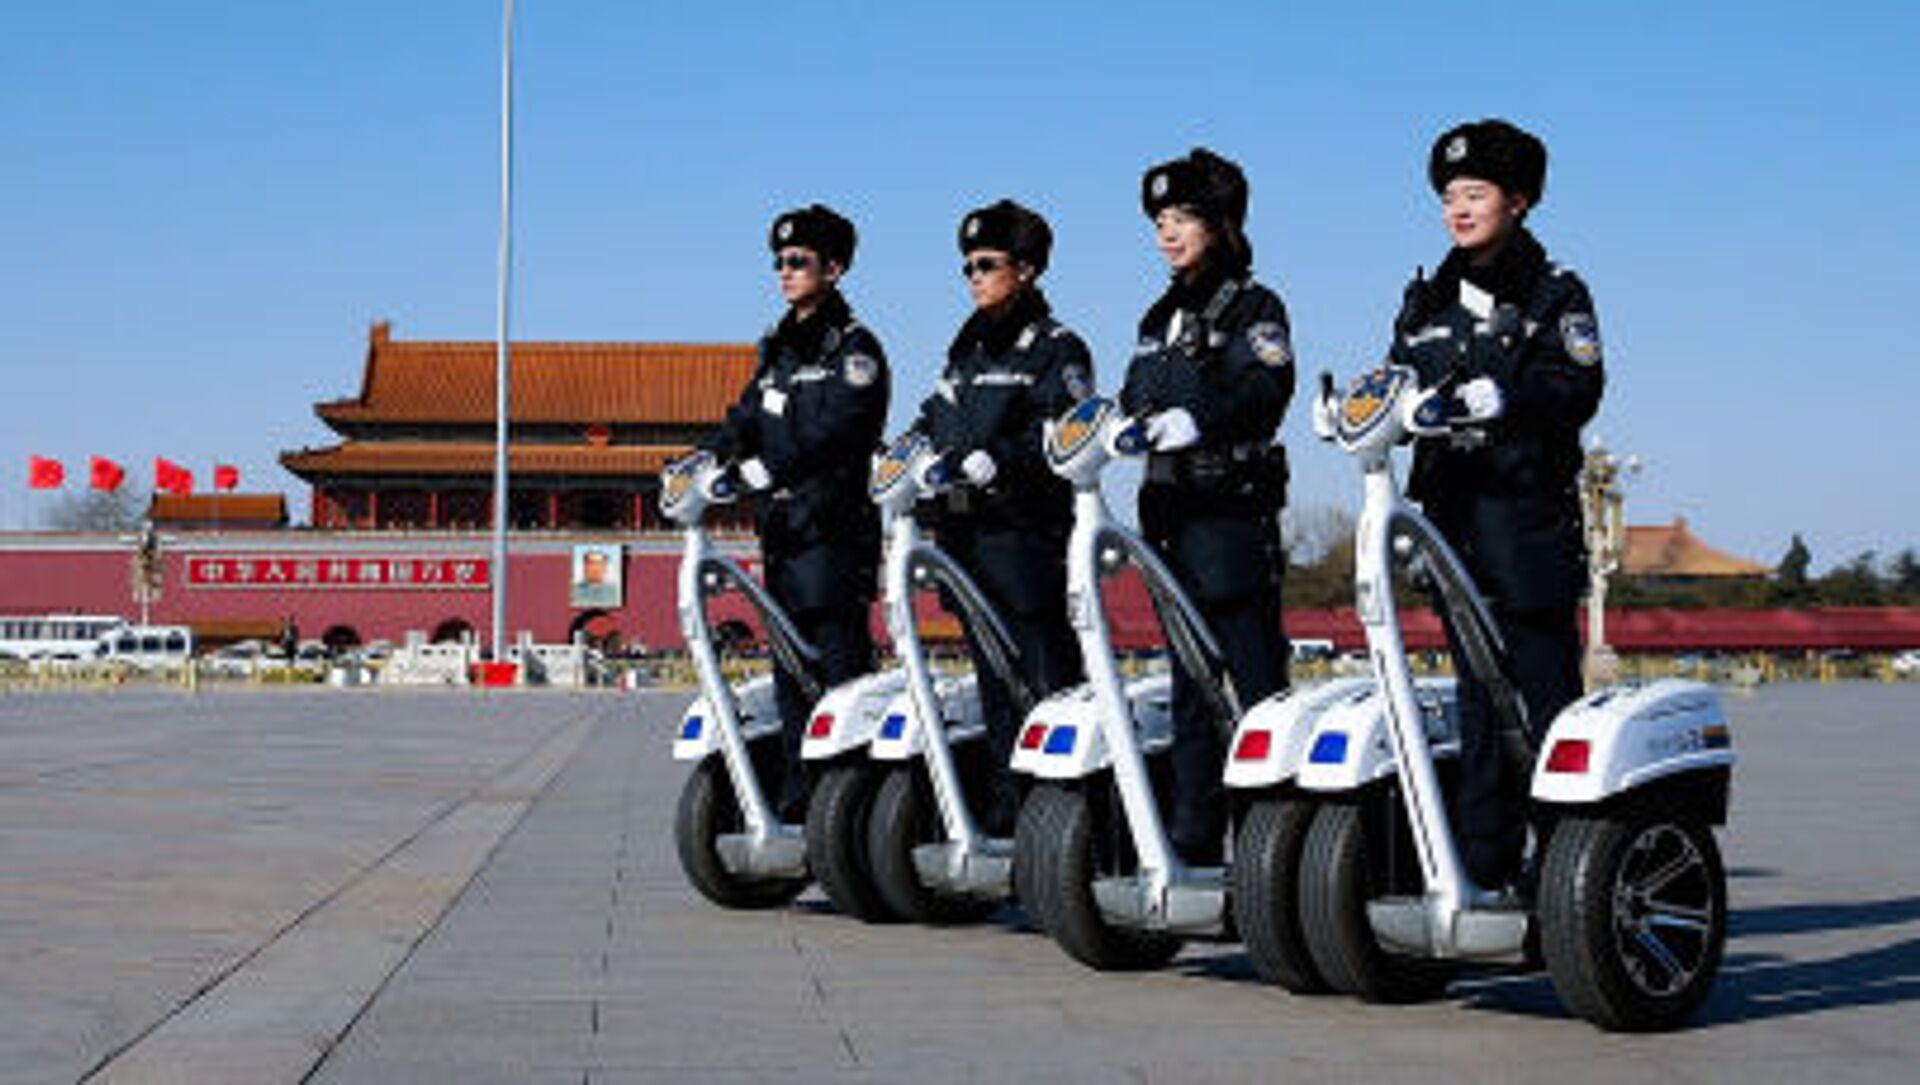 Полицейские на сегвеях на площади Тяньаньмэнь - Sputnik Italia, 1920, 08.02.2021